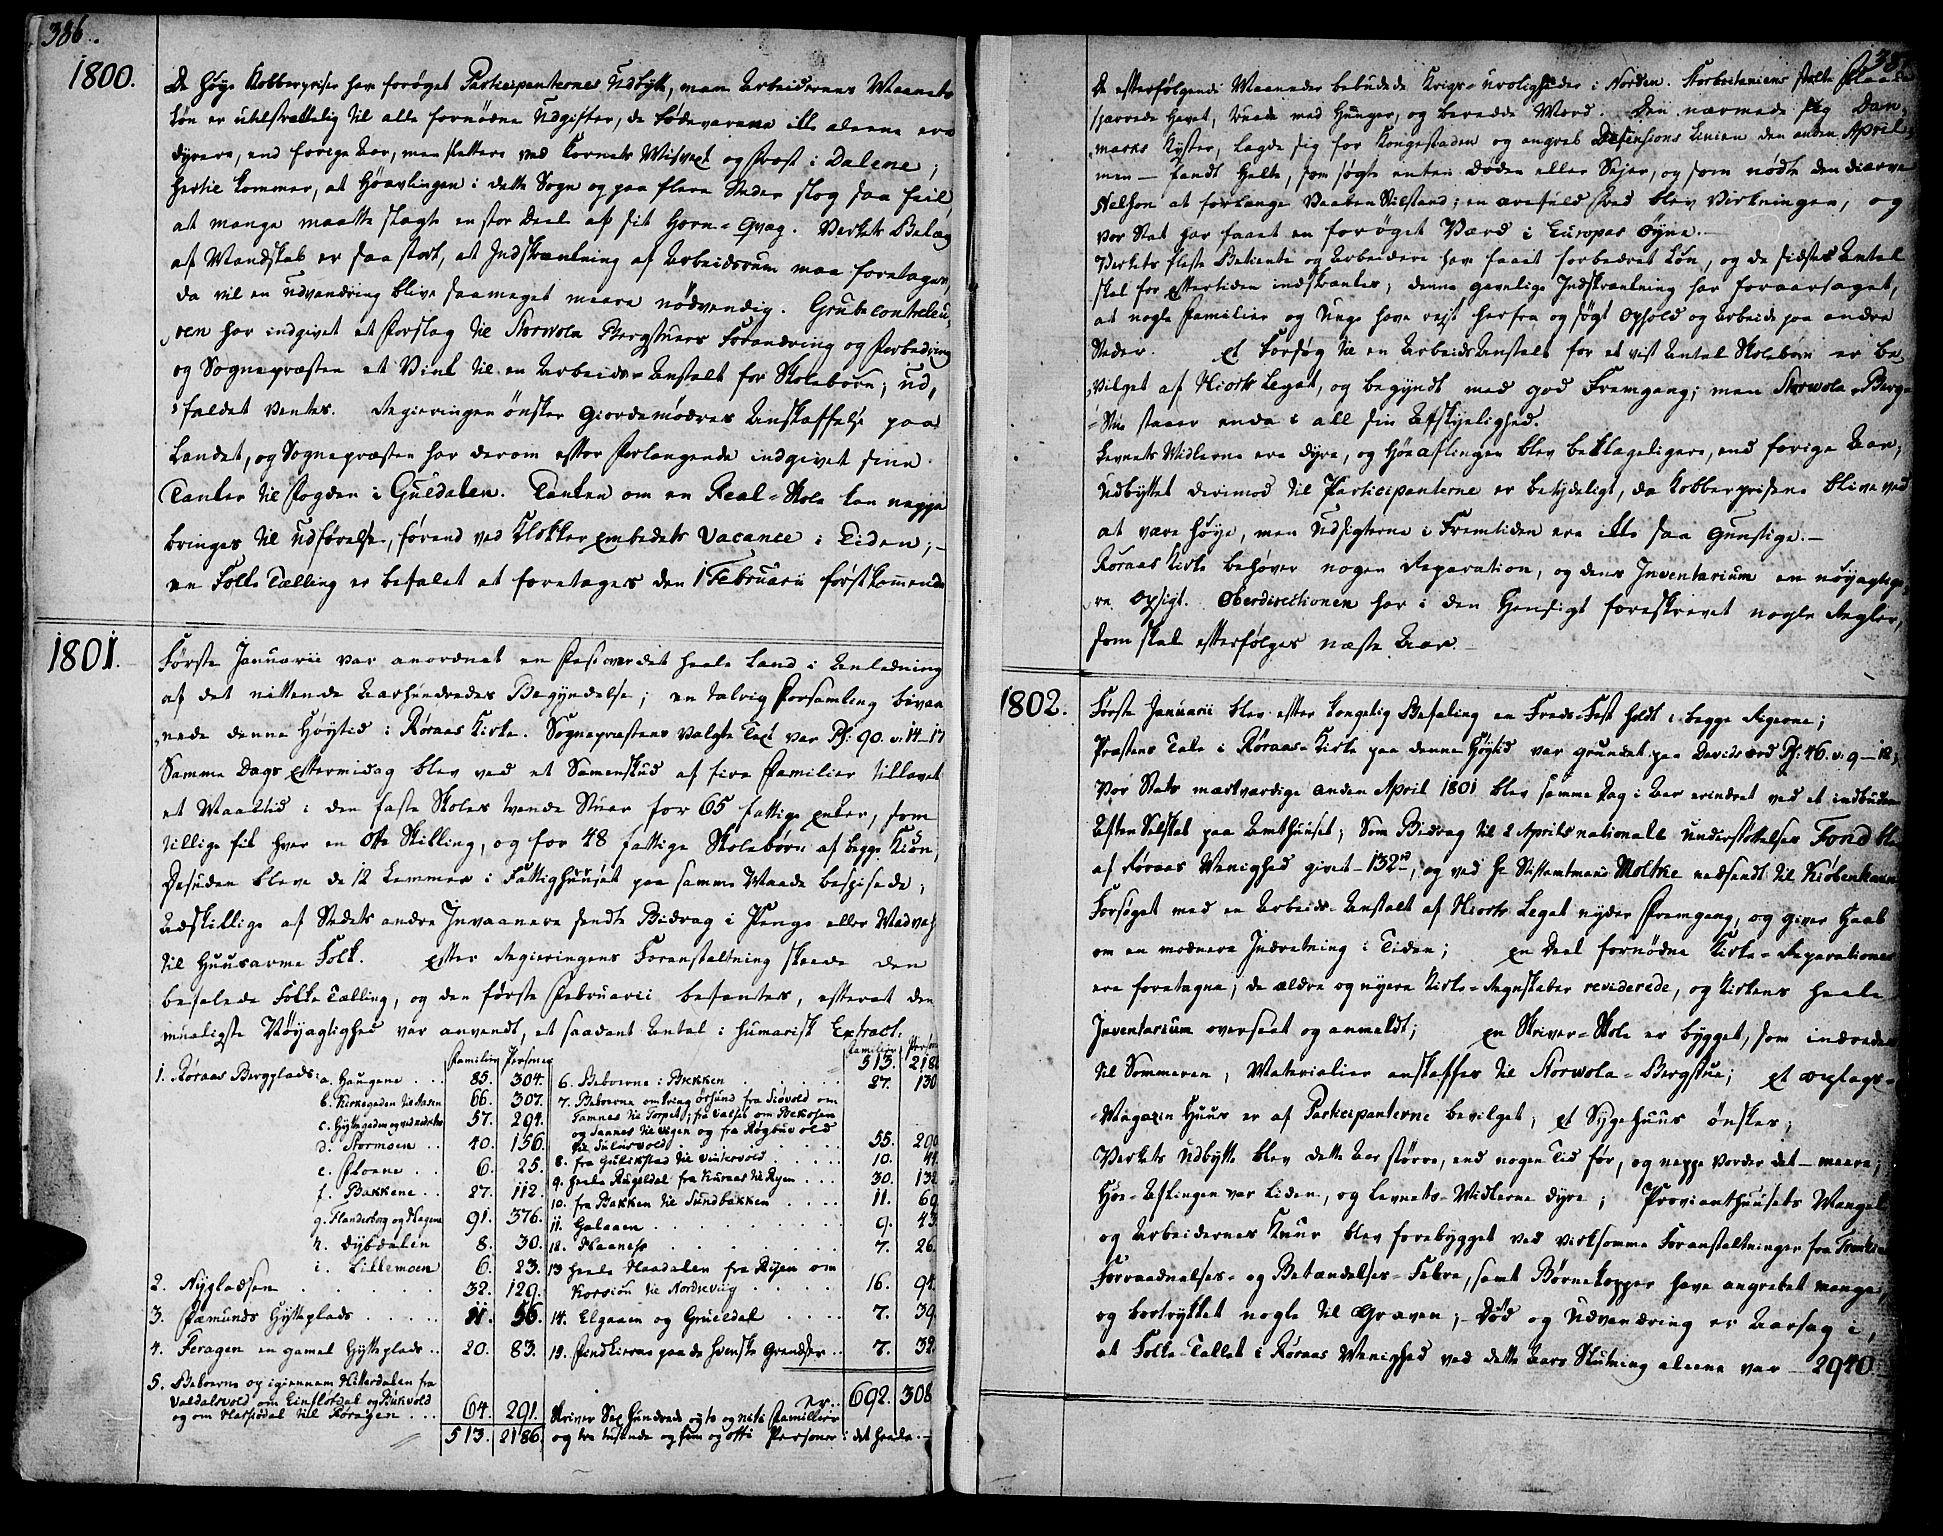 SAT, Ministerialprotokoller, klokkerbøker og fødselsregistre - Sør-Trøndelag, 681/L0927: Ministerialbok nr. 681A05, 1798-1808, s. 386-387